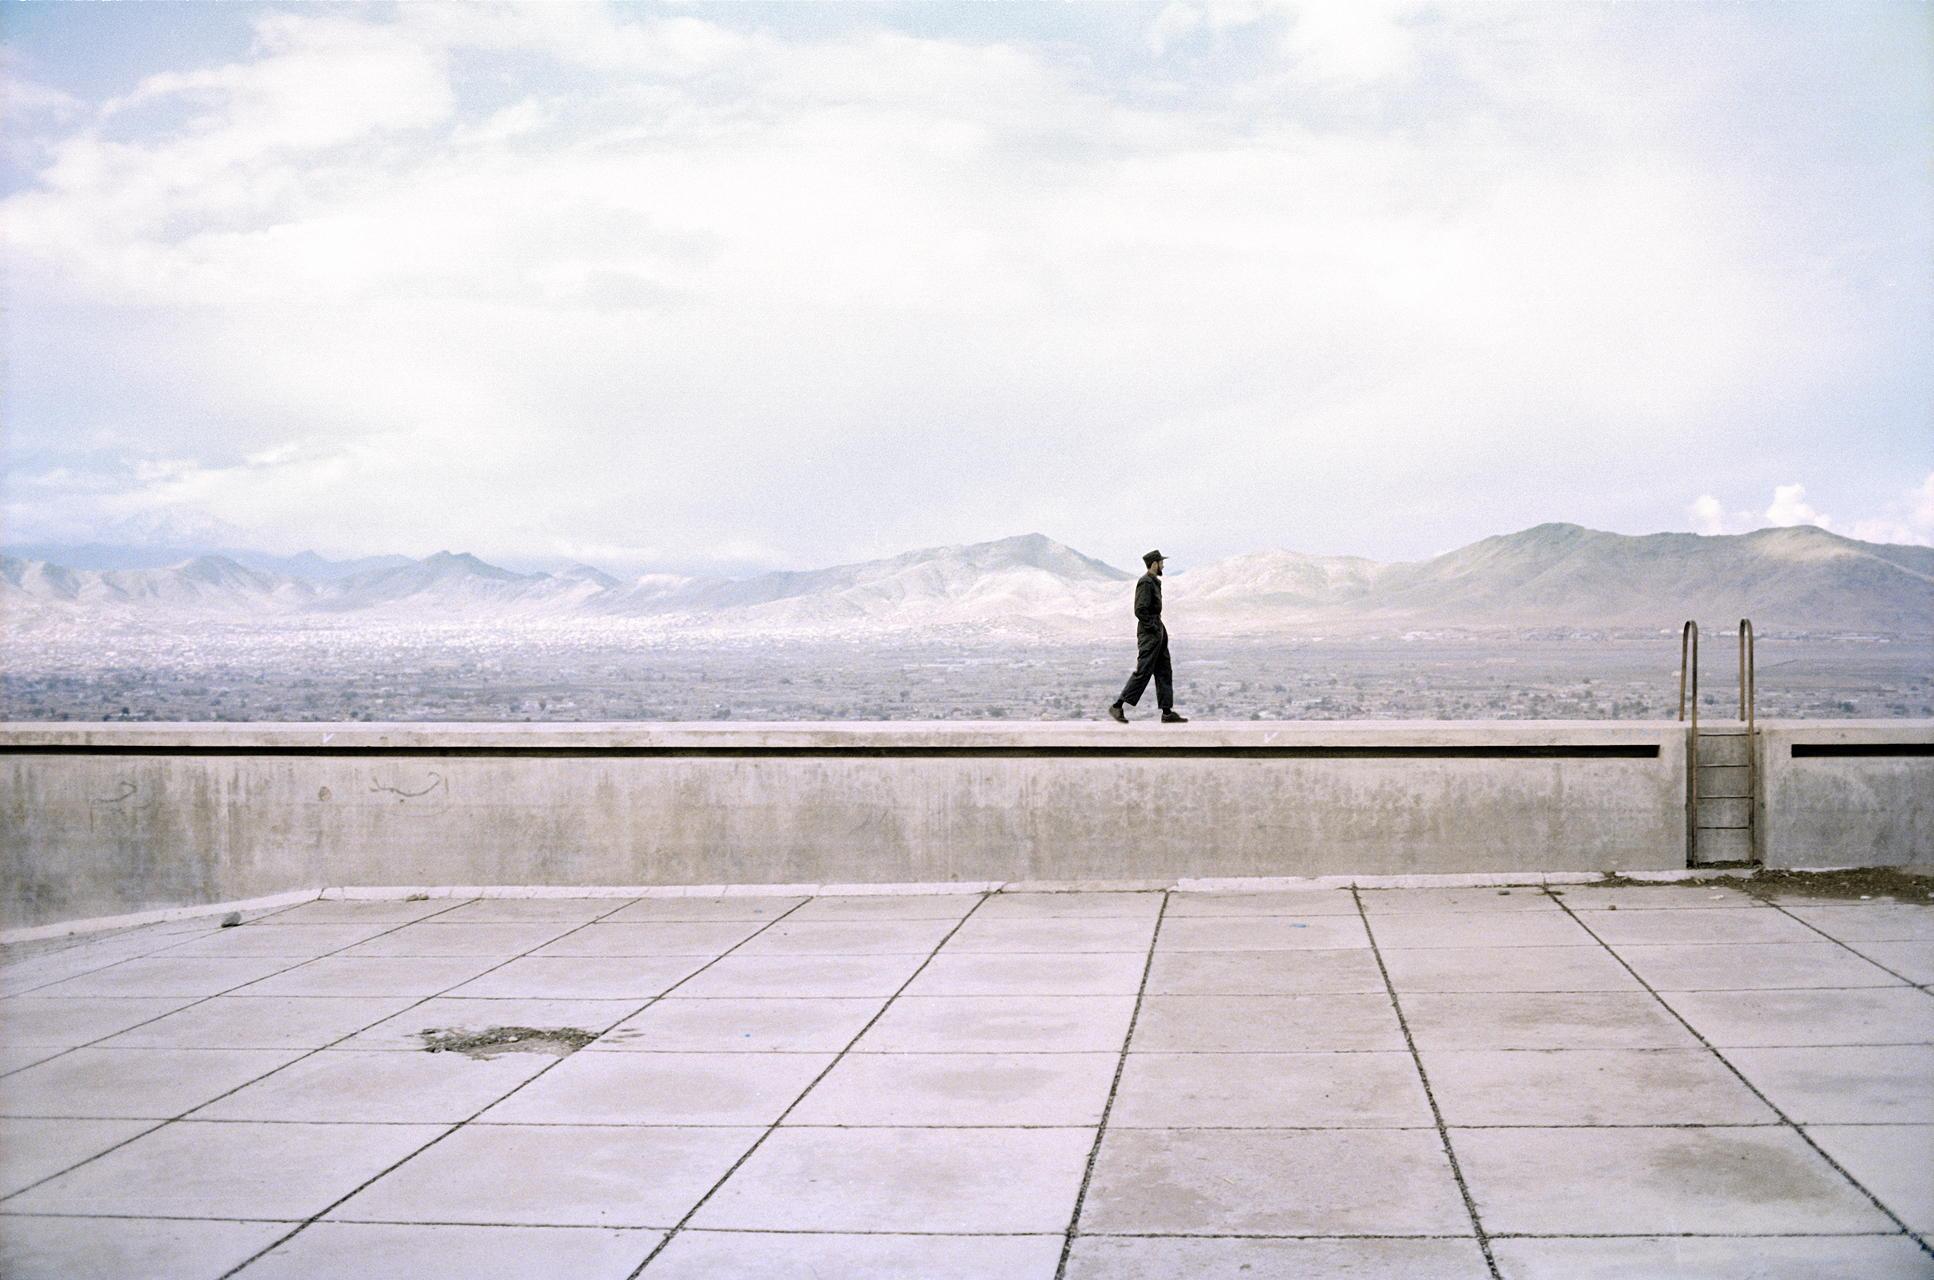 Andreas Zierhut - Land ohne Tränen - Felix Schoeller Photoaward